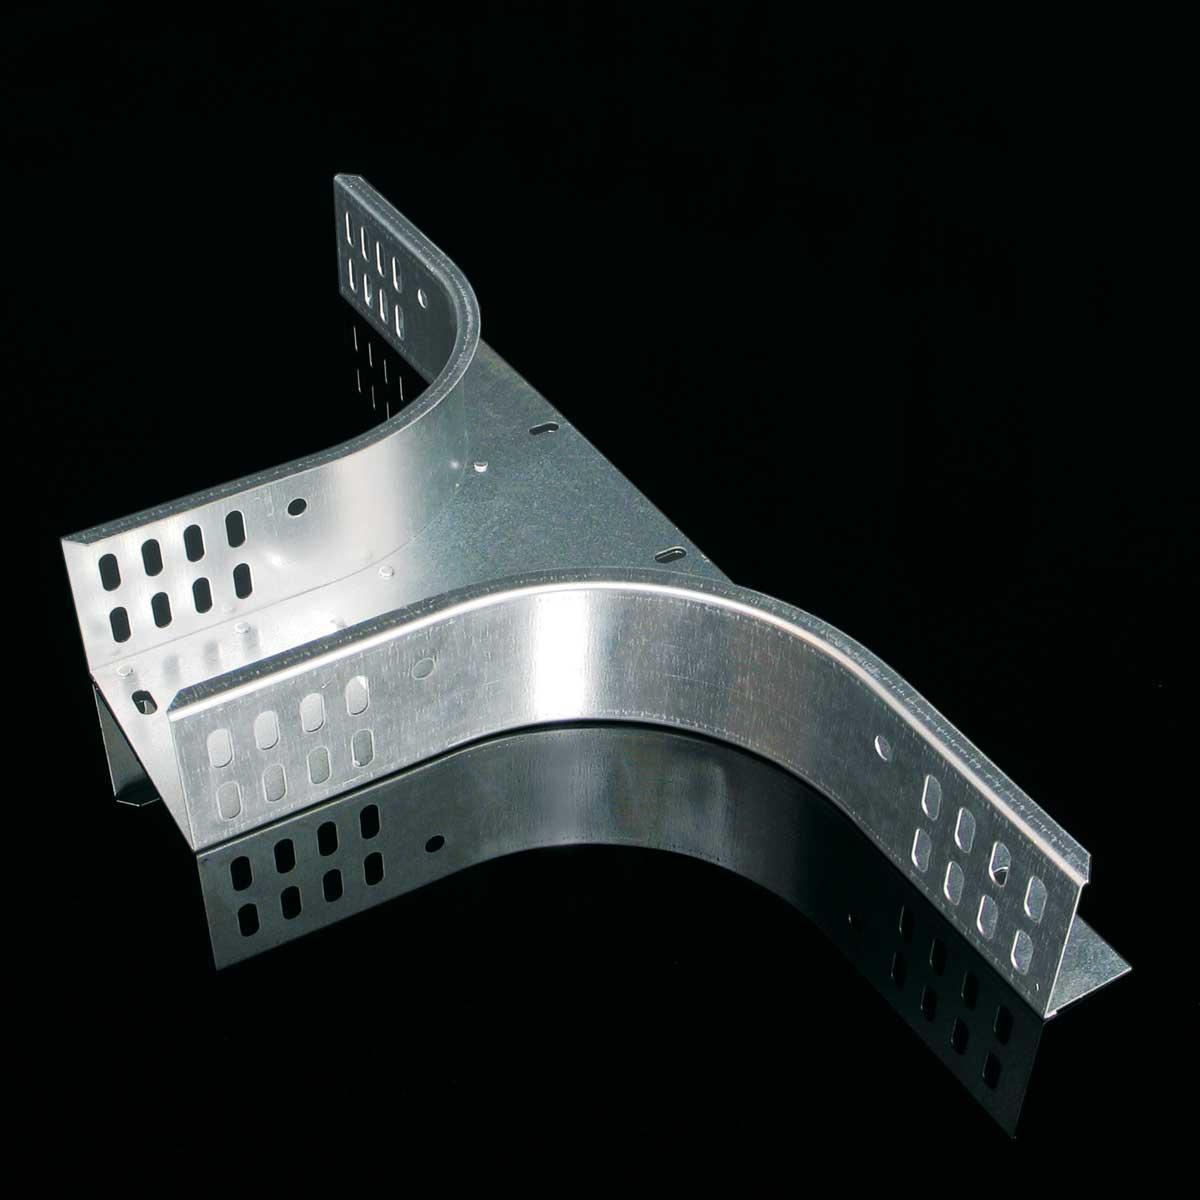 Відгалуження горизонтальне для лотка JUPITER; розміри-35x75x475mm Товщ. метал-0,8 Вага-0,6кг/м